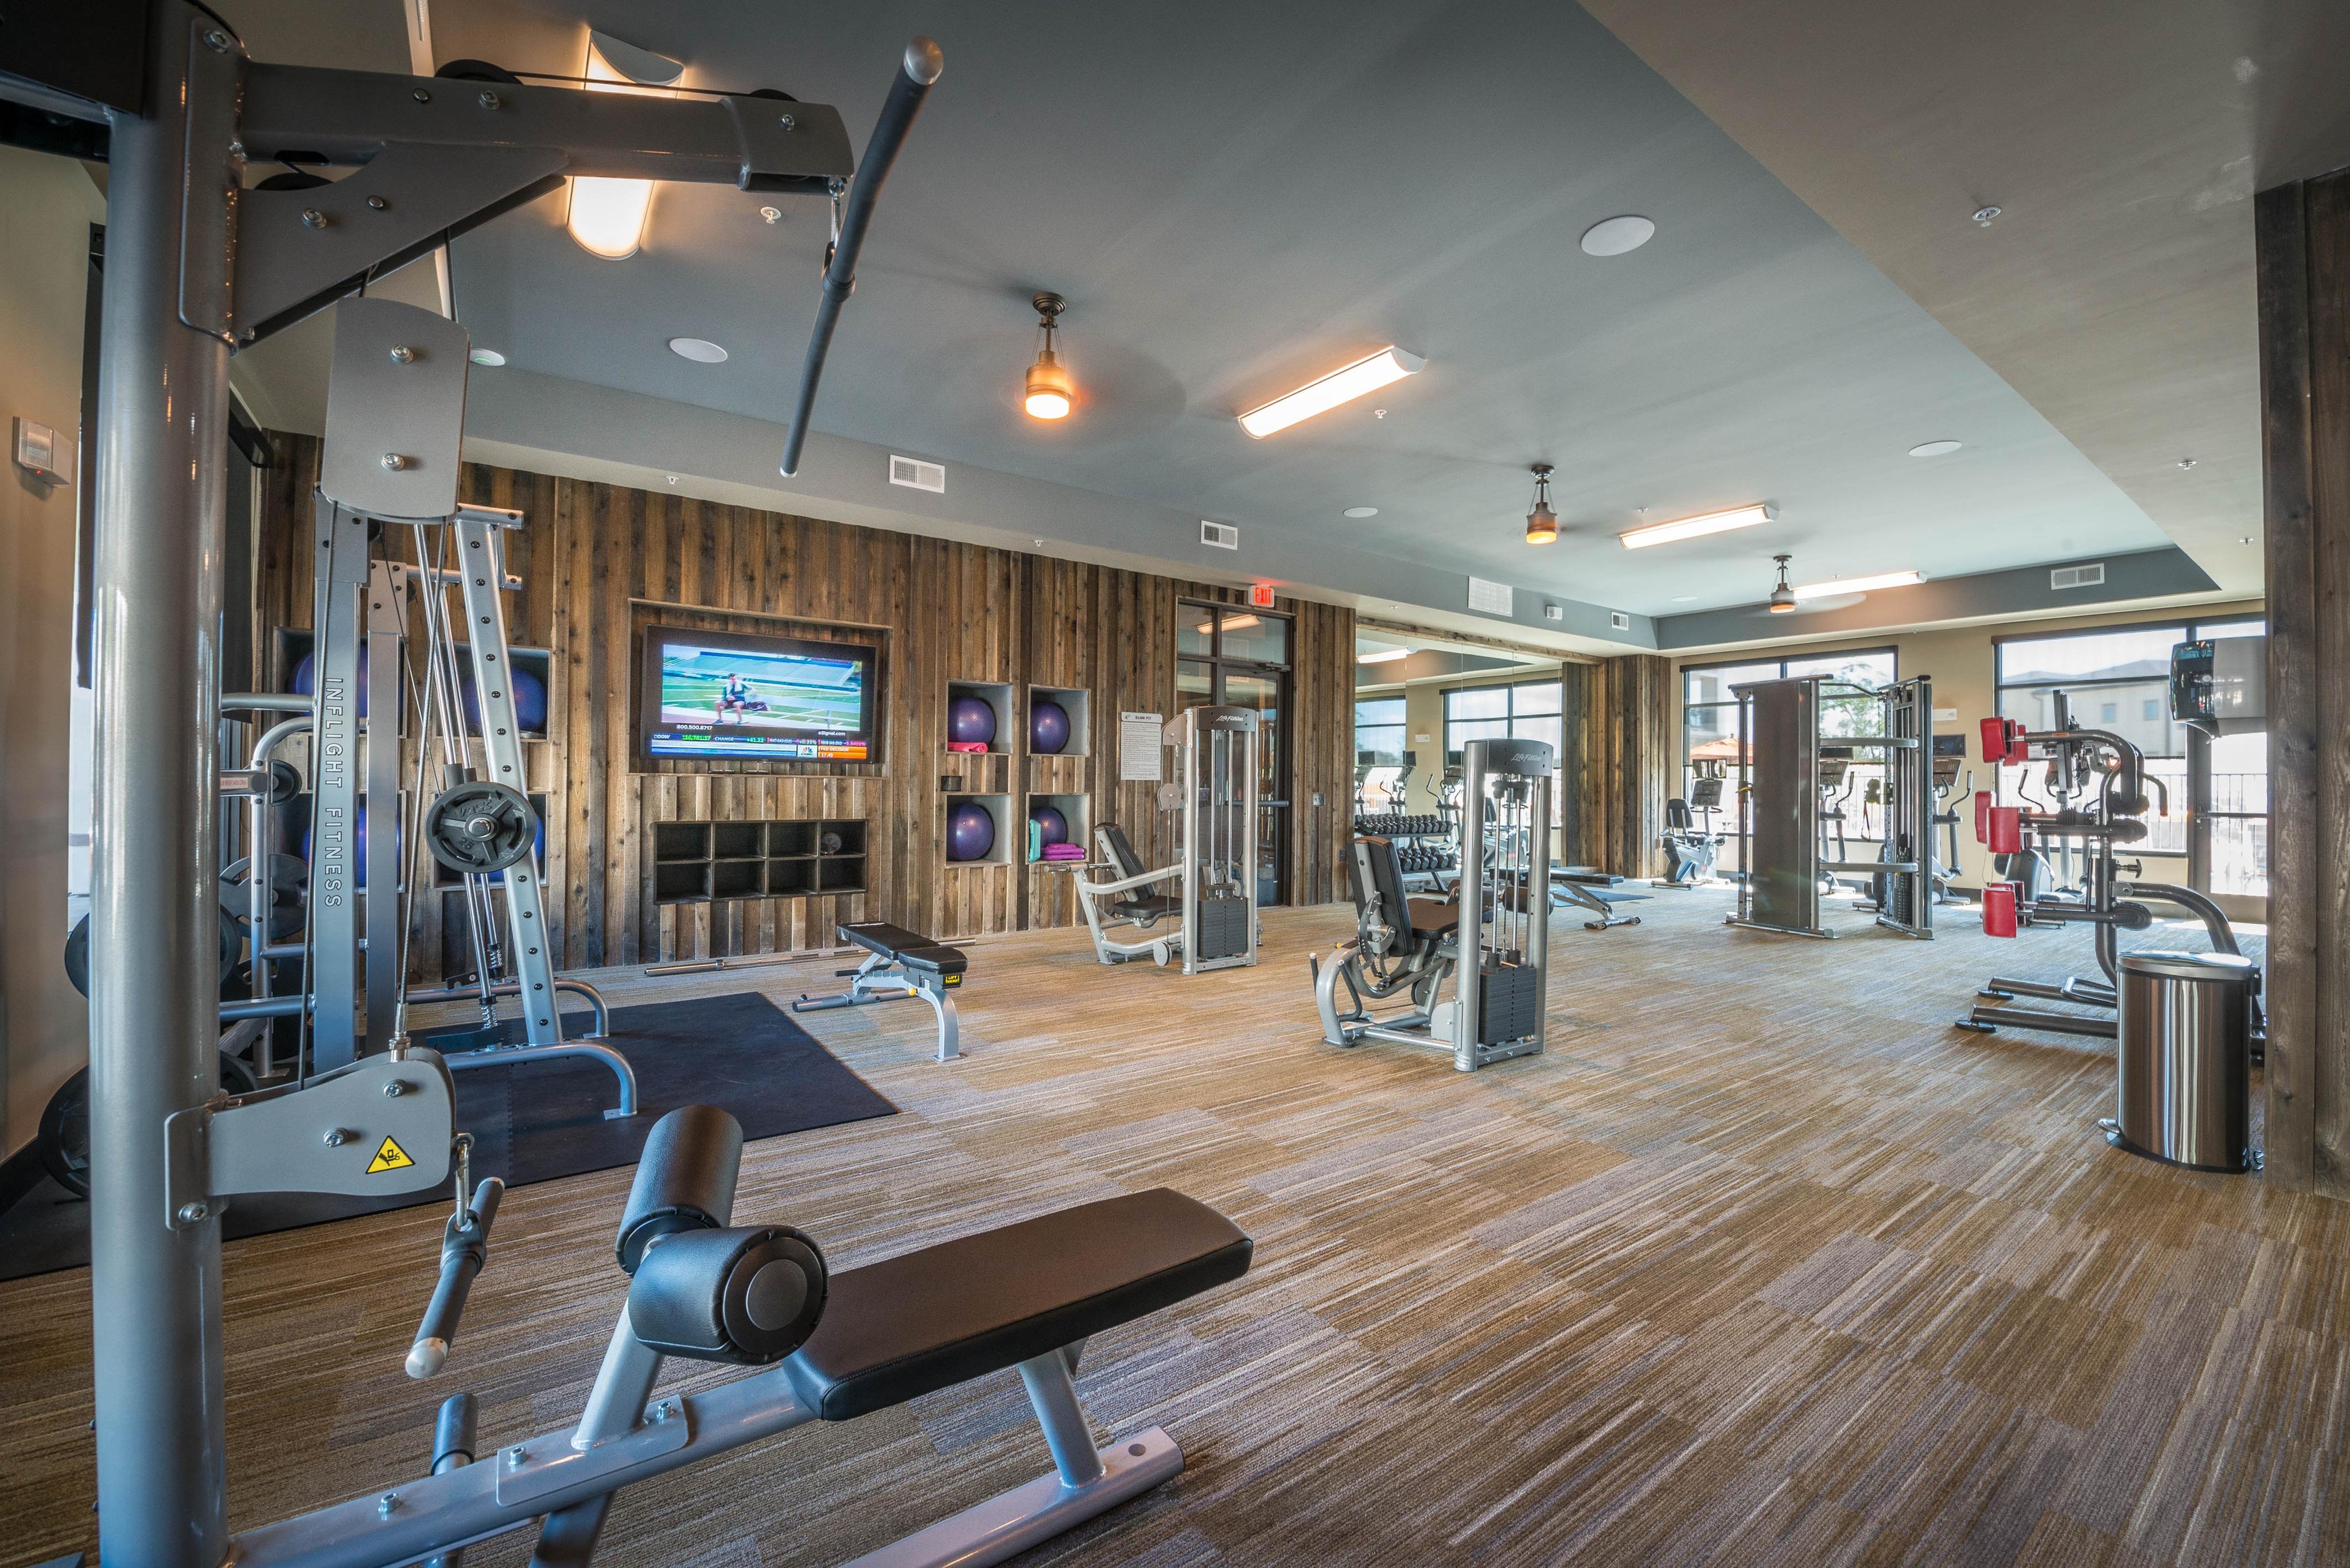 gym-elan-dallas-murphys-corporate-lodging